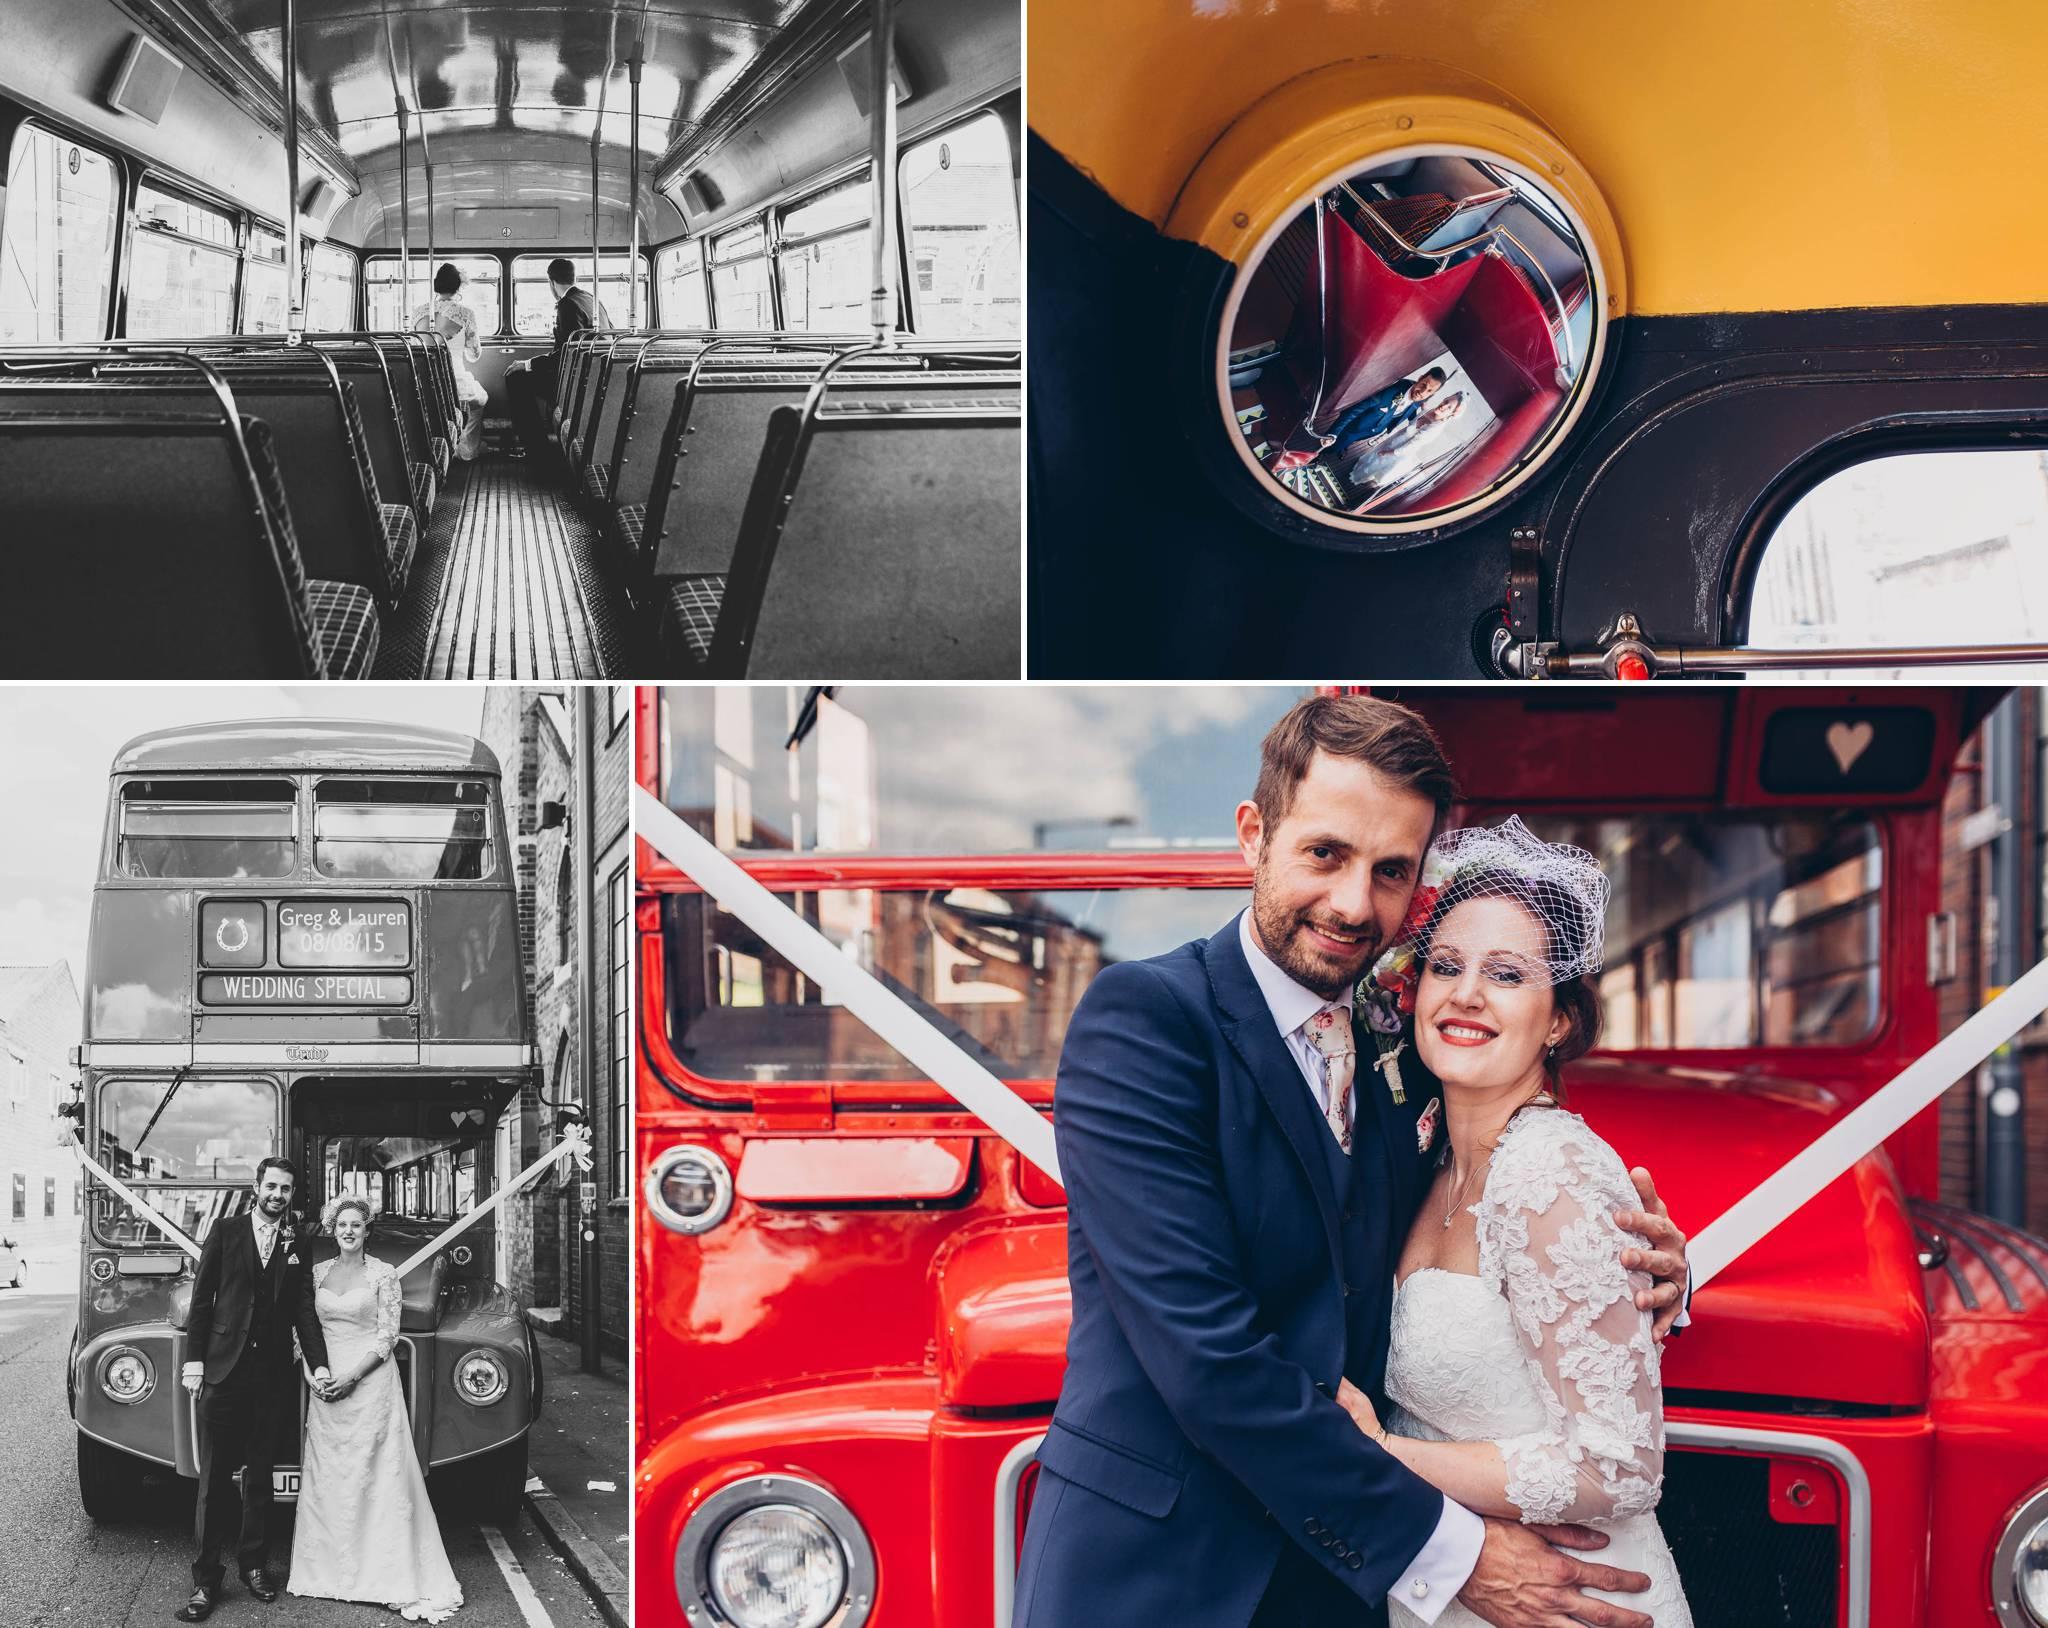 birmingham-wedding-photographer 12.jpg